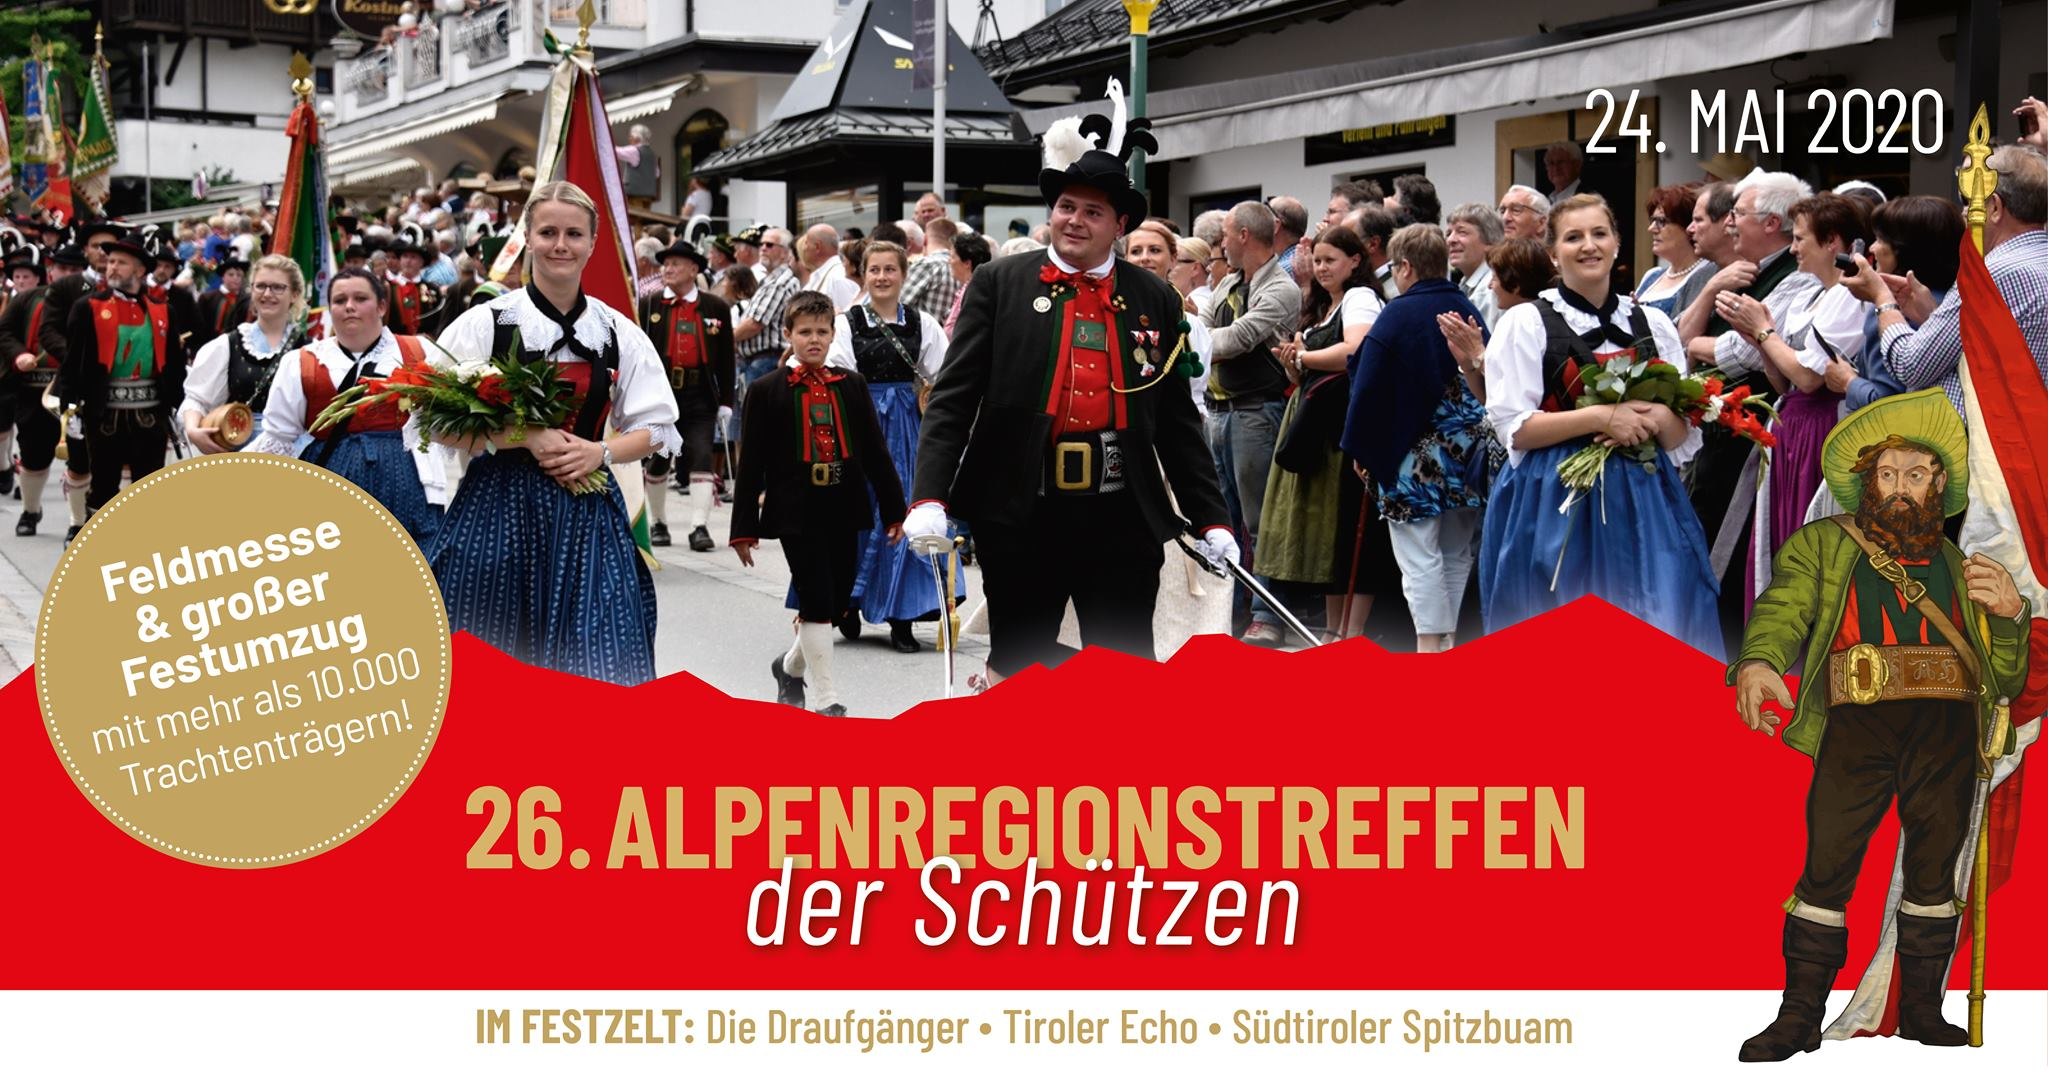 26. Alpenregionstreffen 2020 im Passeiertal